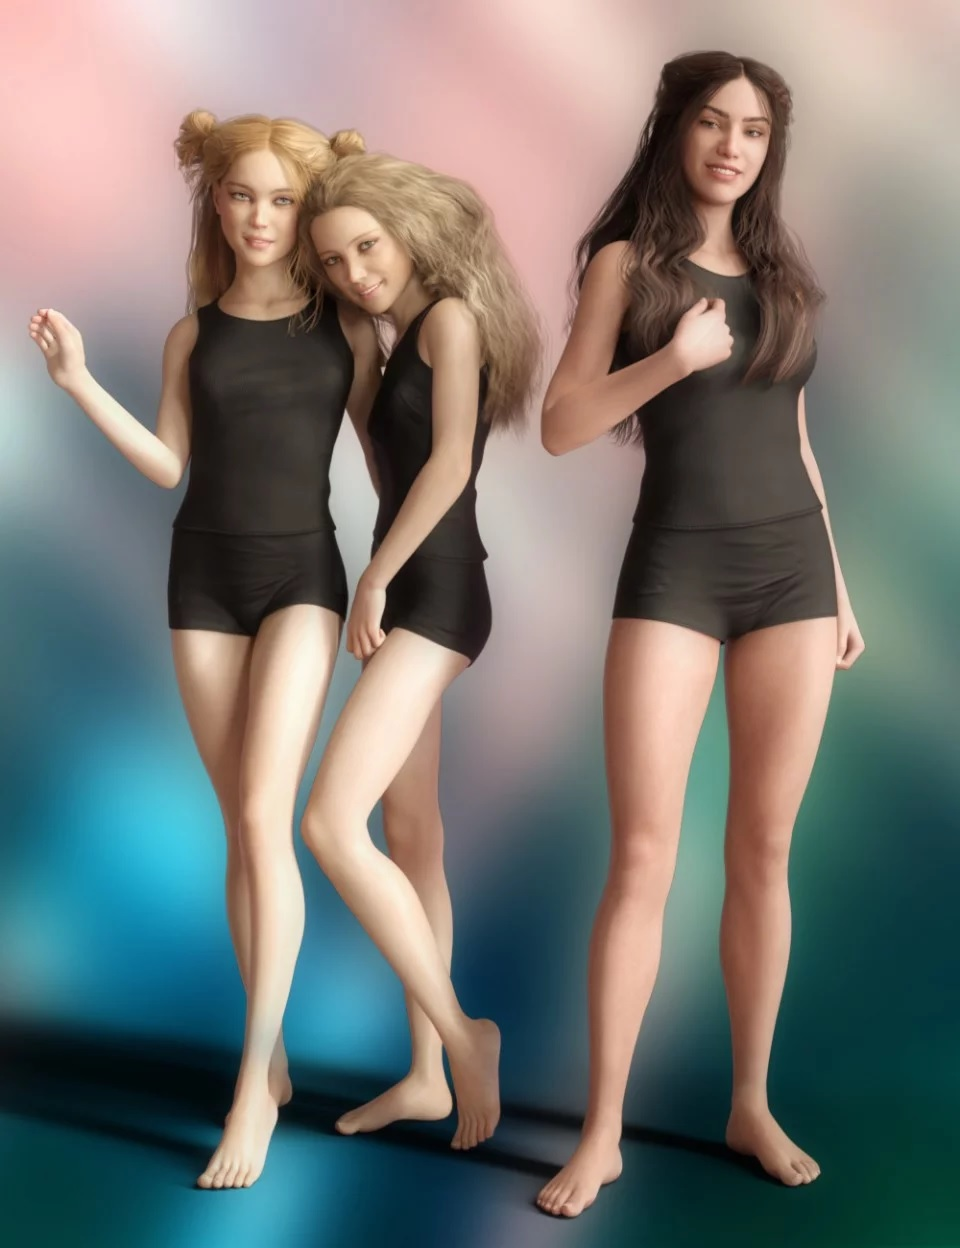 Little Divas Poses for Genesis 8 Female(s)